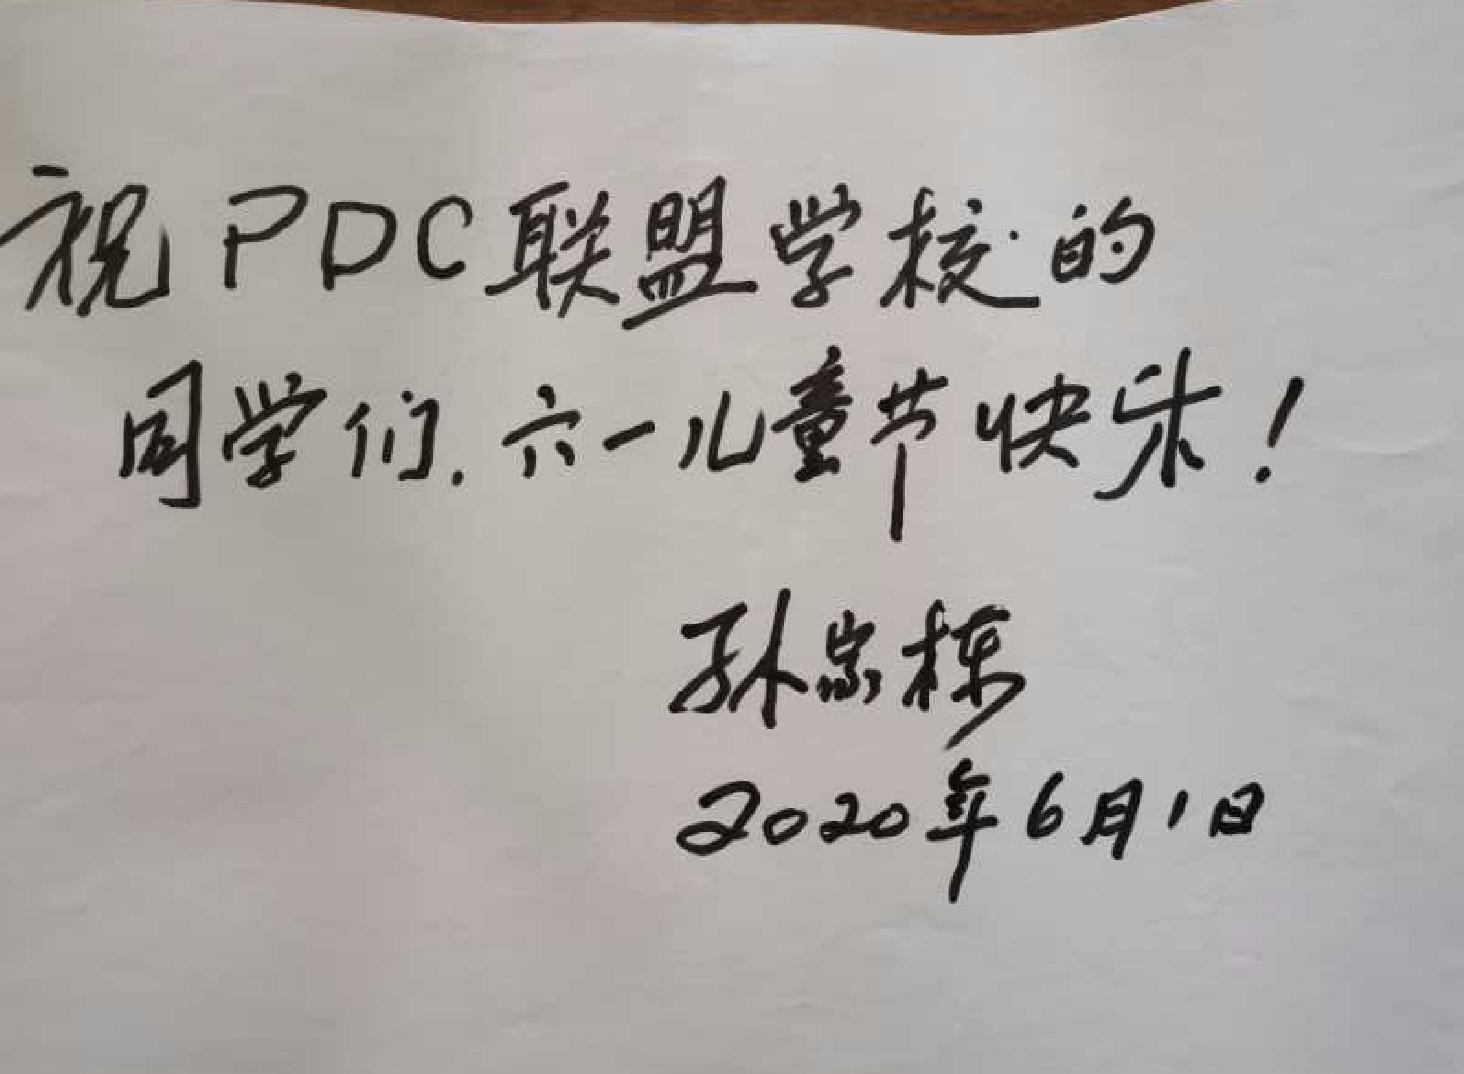 【天富】名院士为PDC联盟校送航天仿真模天富图片